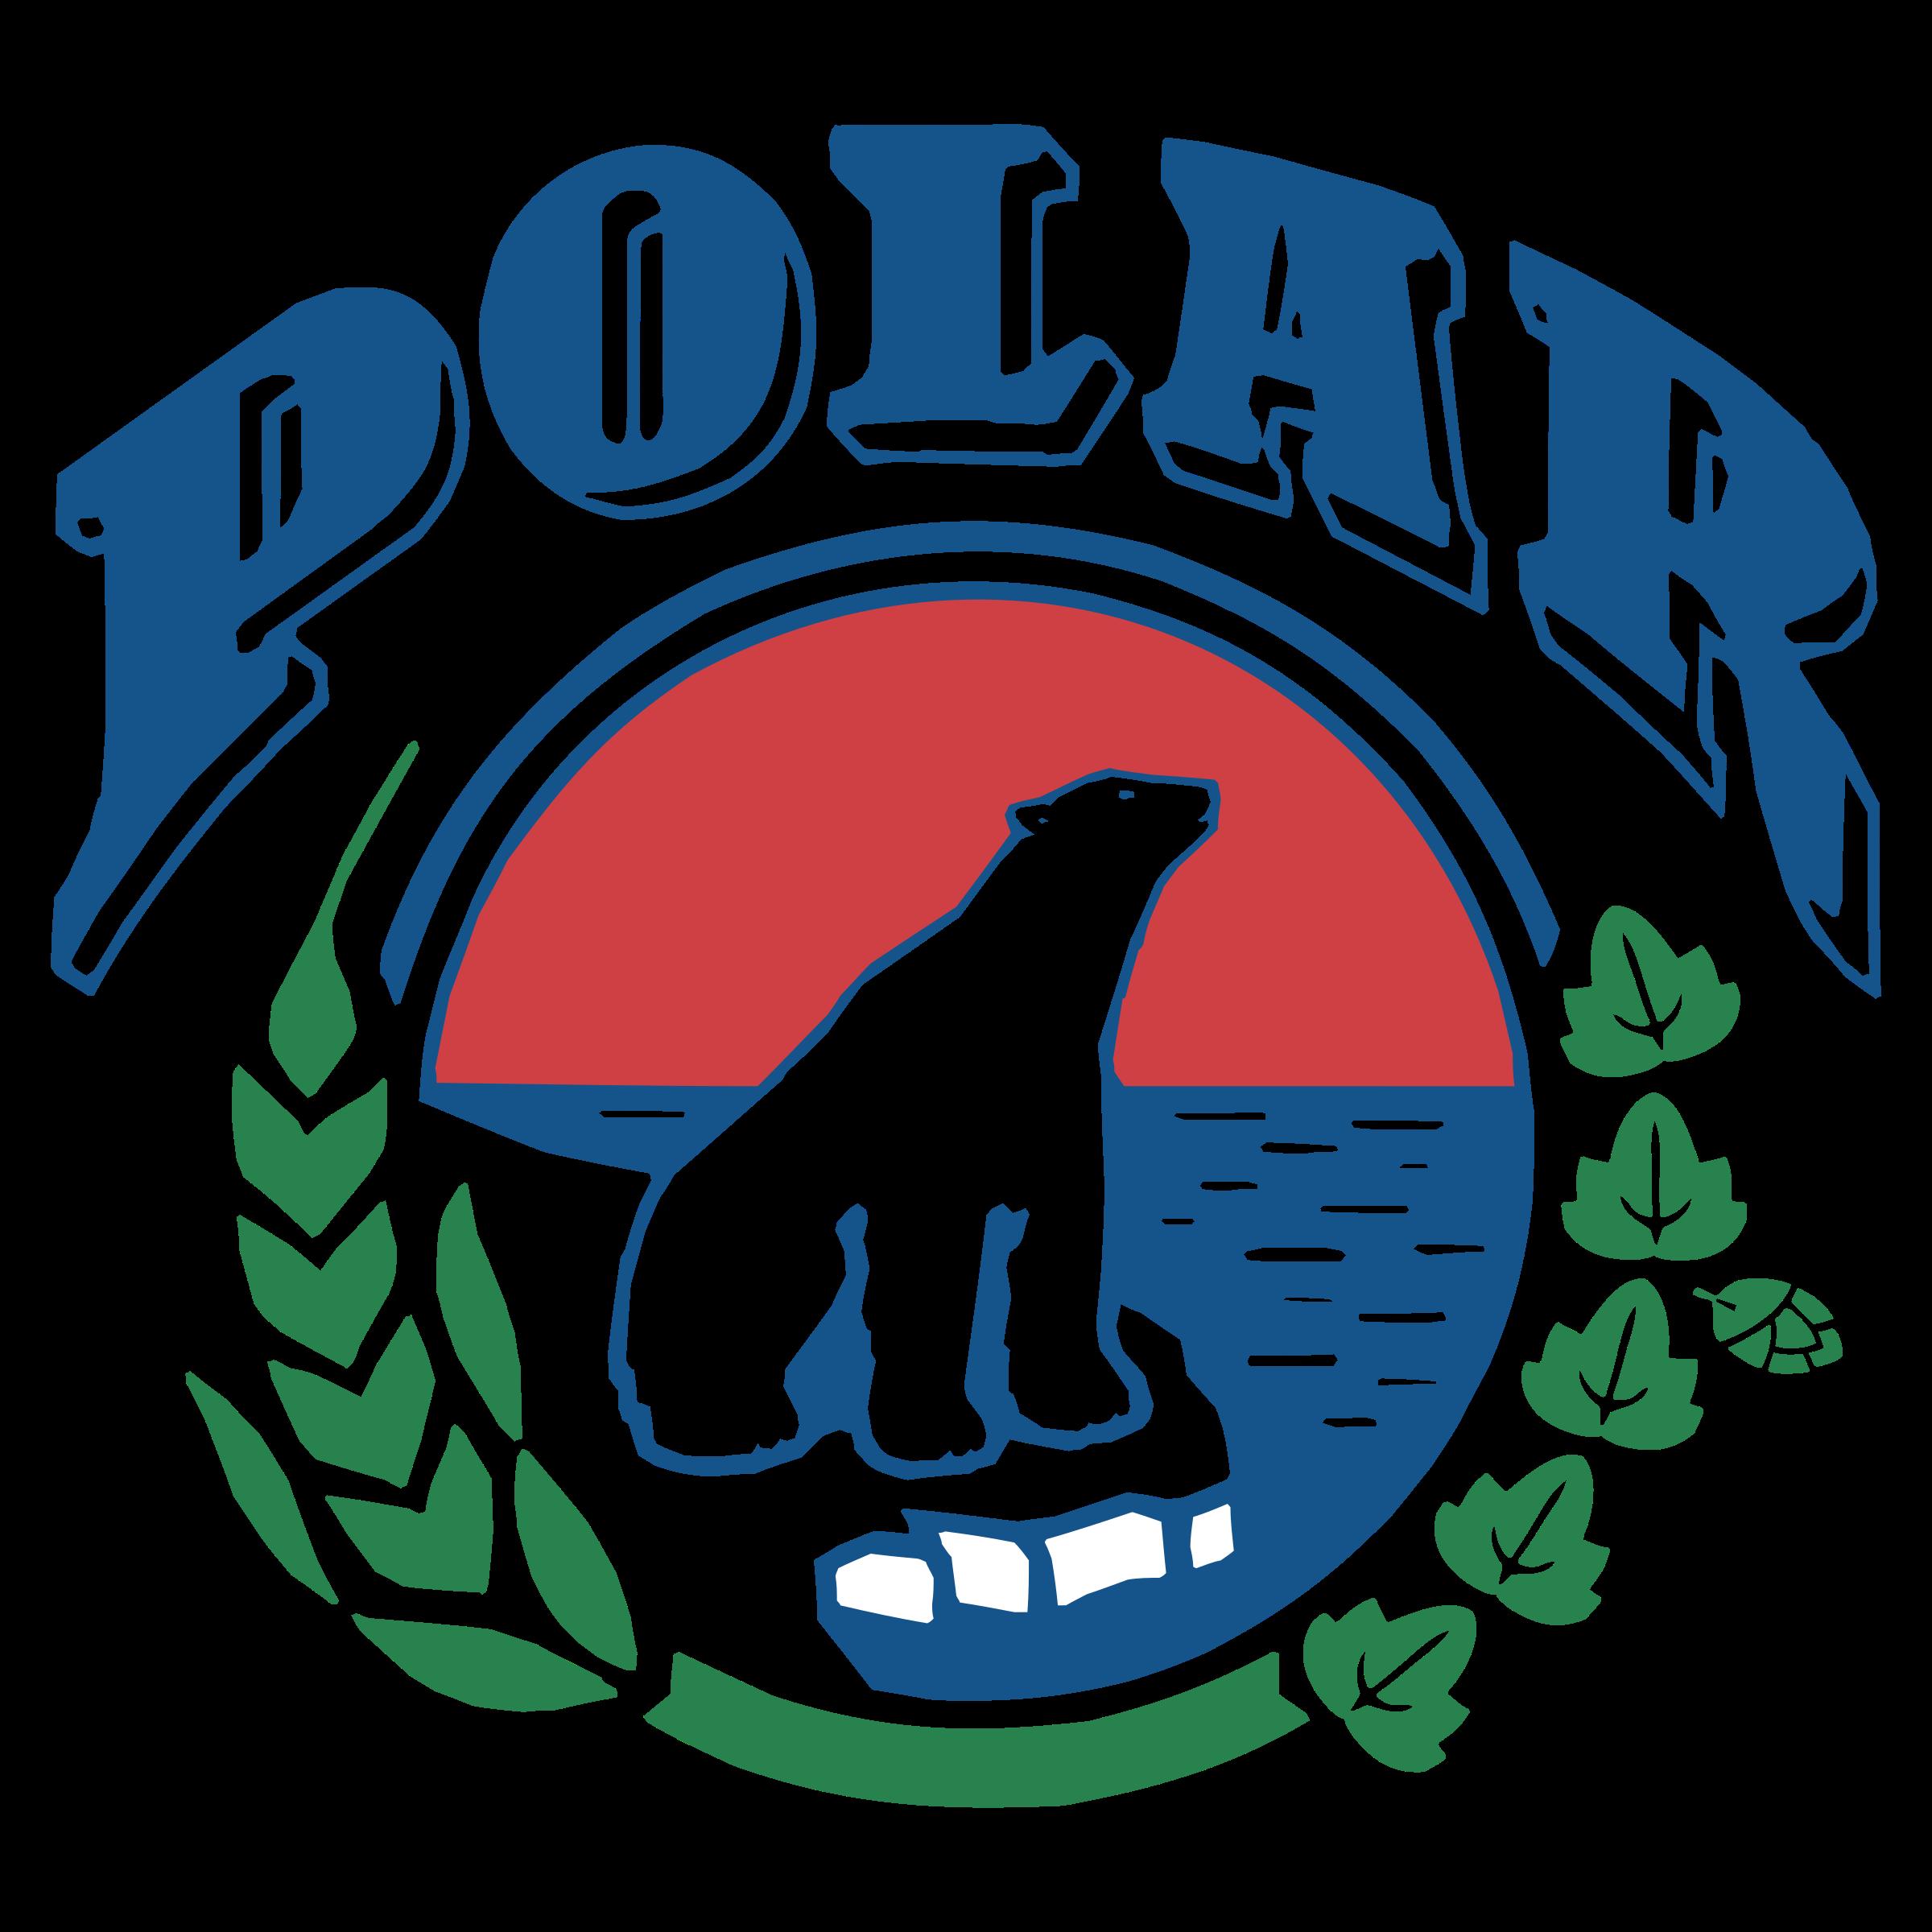 clipart free stock Polar Logo PNG Transparent